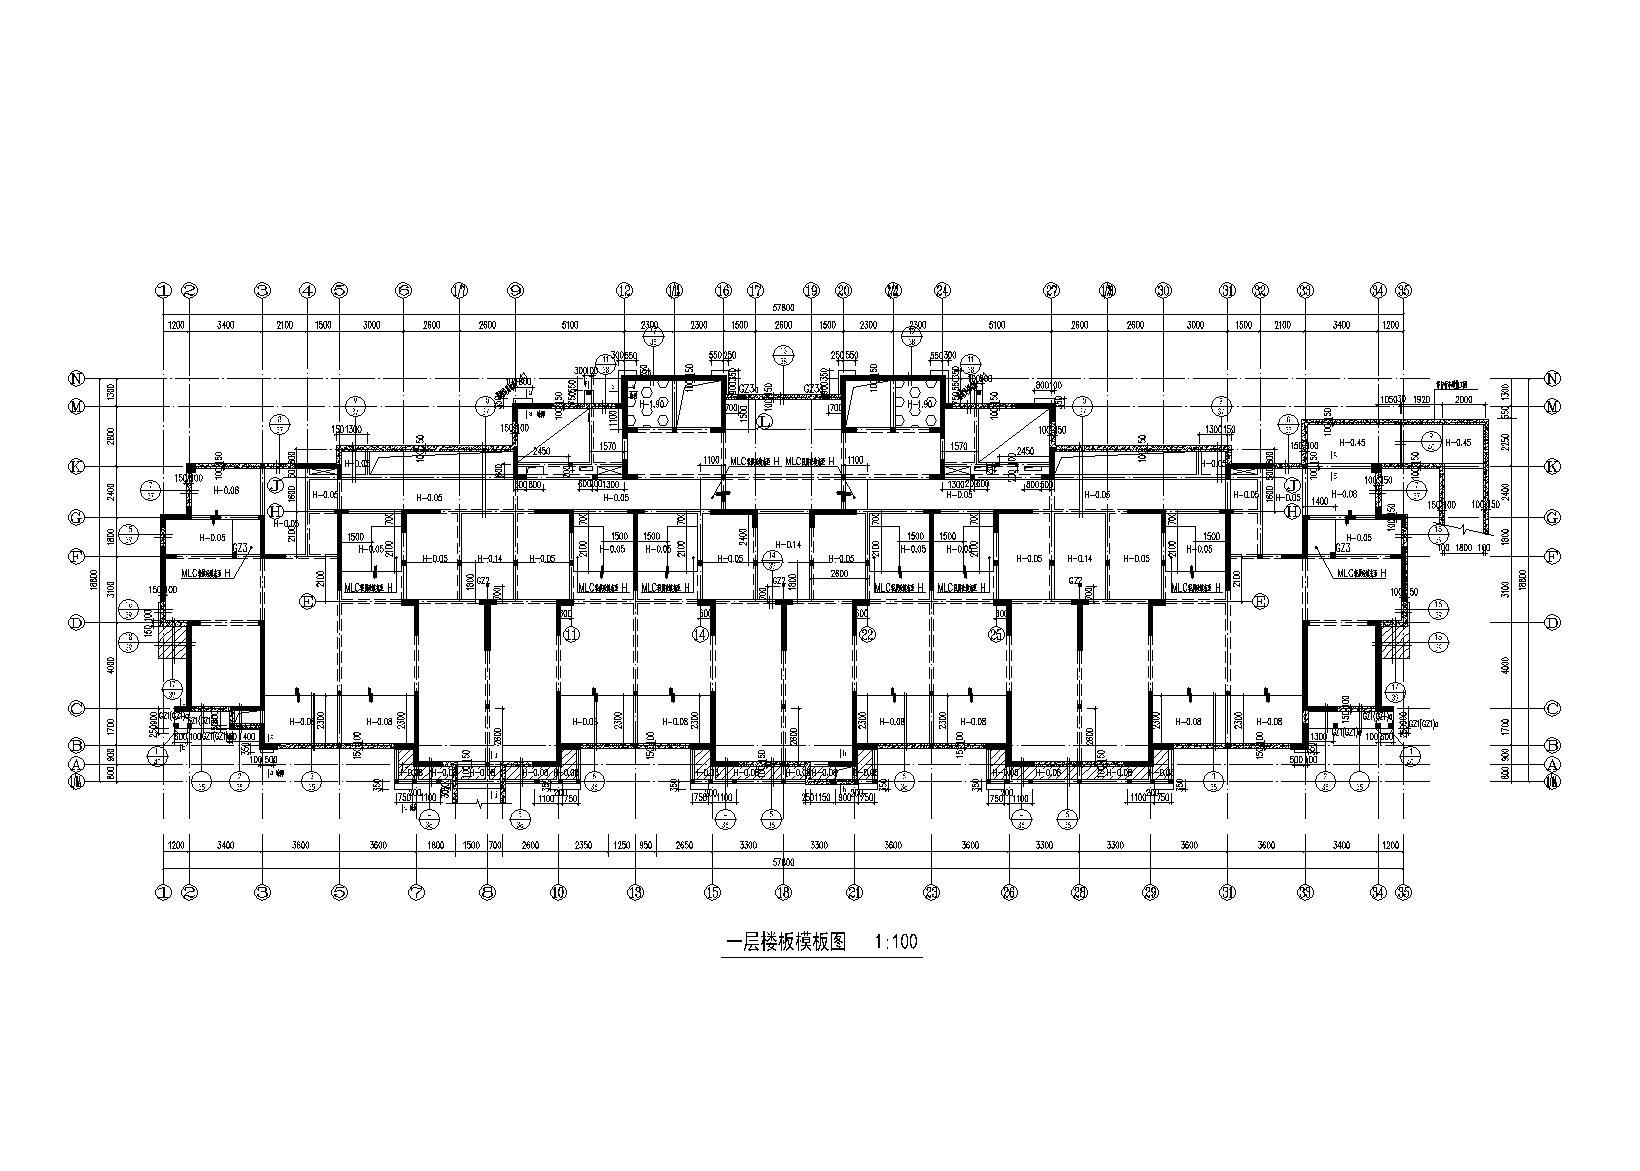 24层剪力墙住宅楼全套施工图(建筑结构水暖电,预应力管桩)